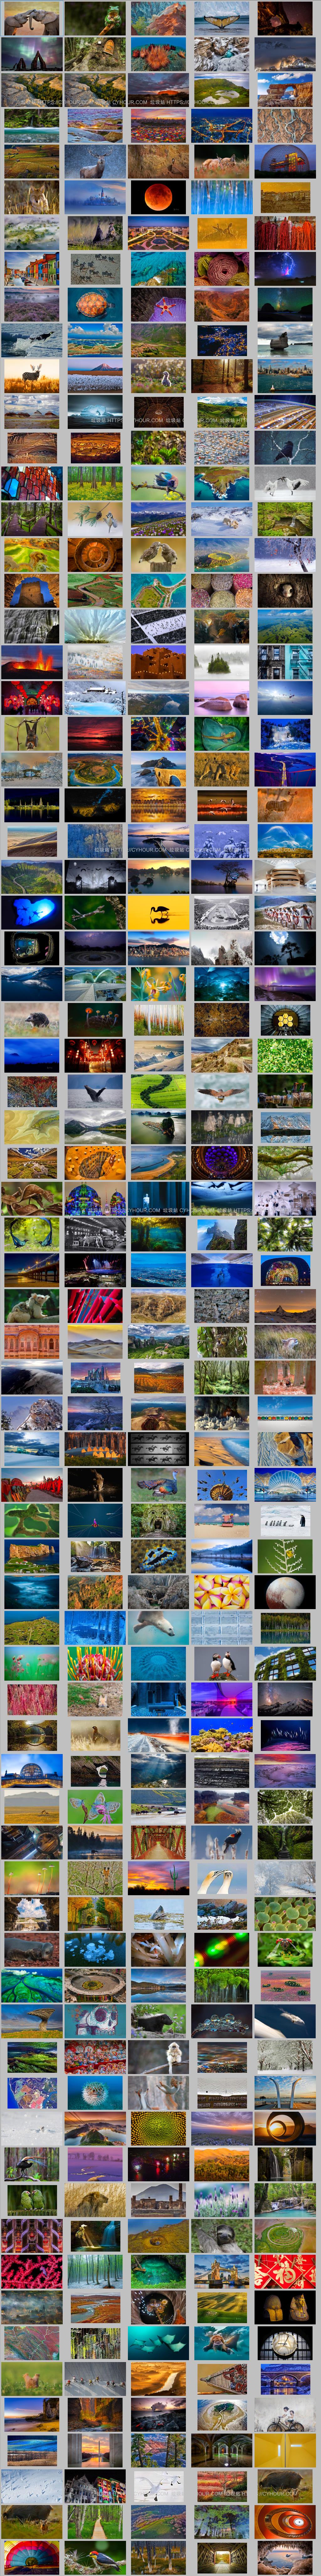 2016 年微软 Bing 必应壁纸图片 共361张 打包下载-垃圾站